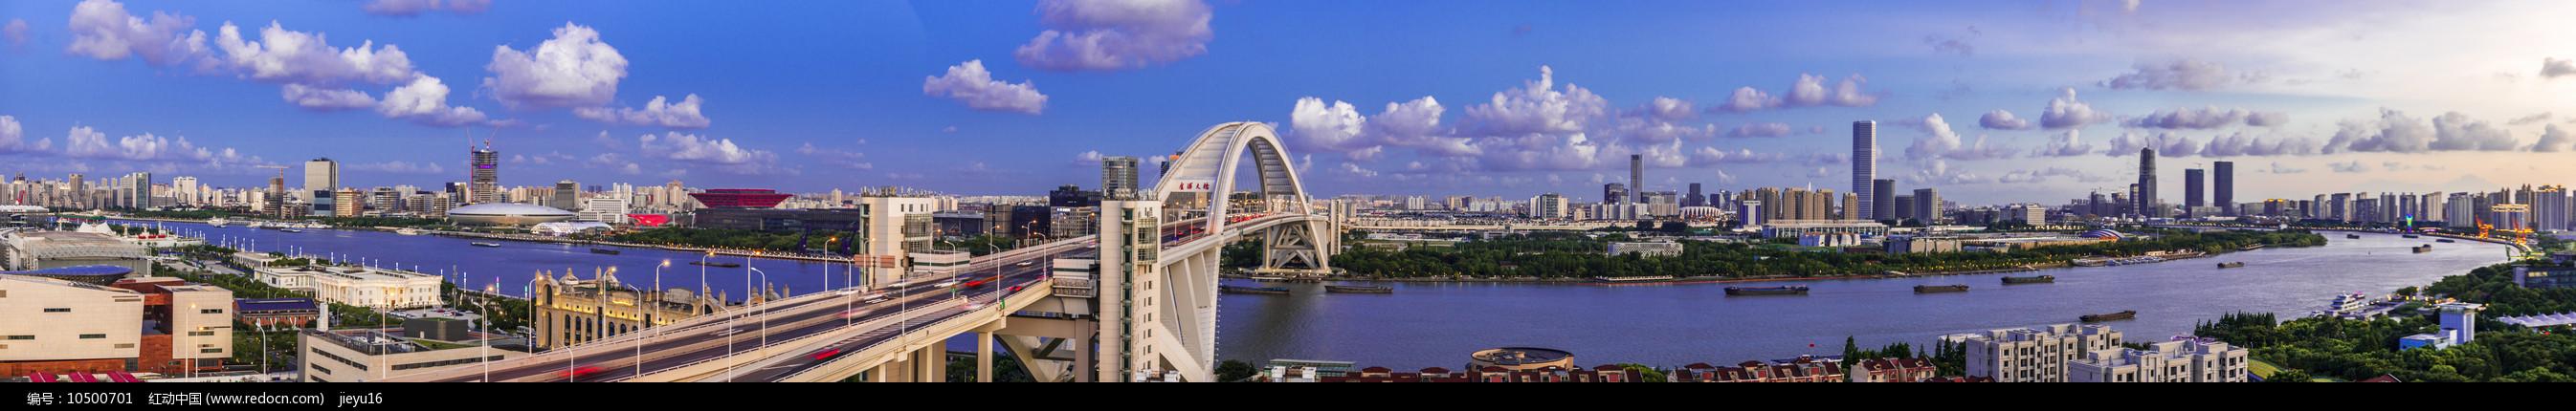 上海黄浦江两岸卢浦大桥段全景图片